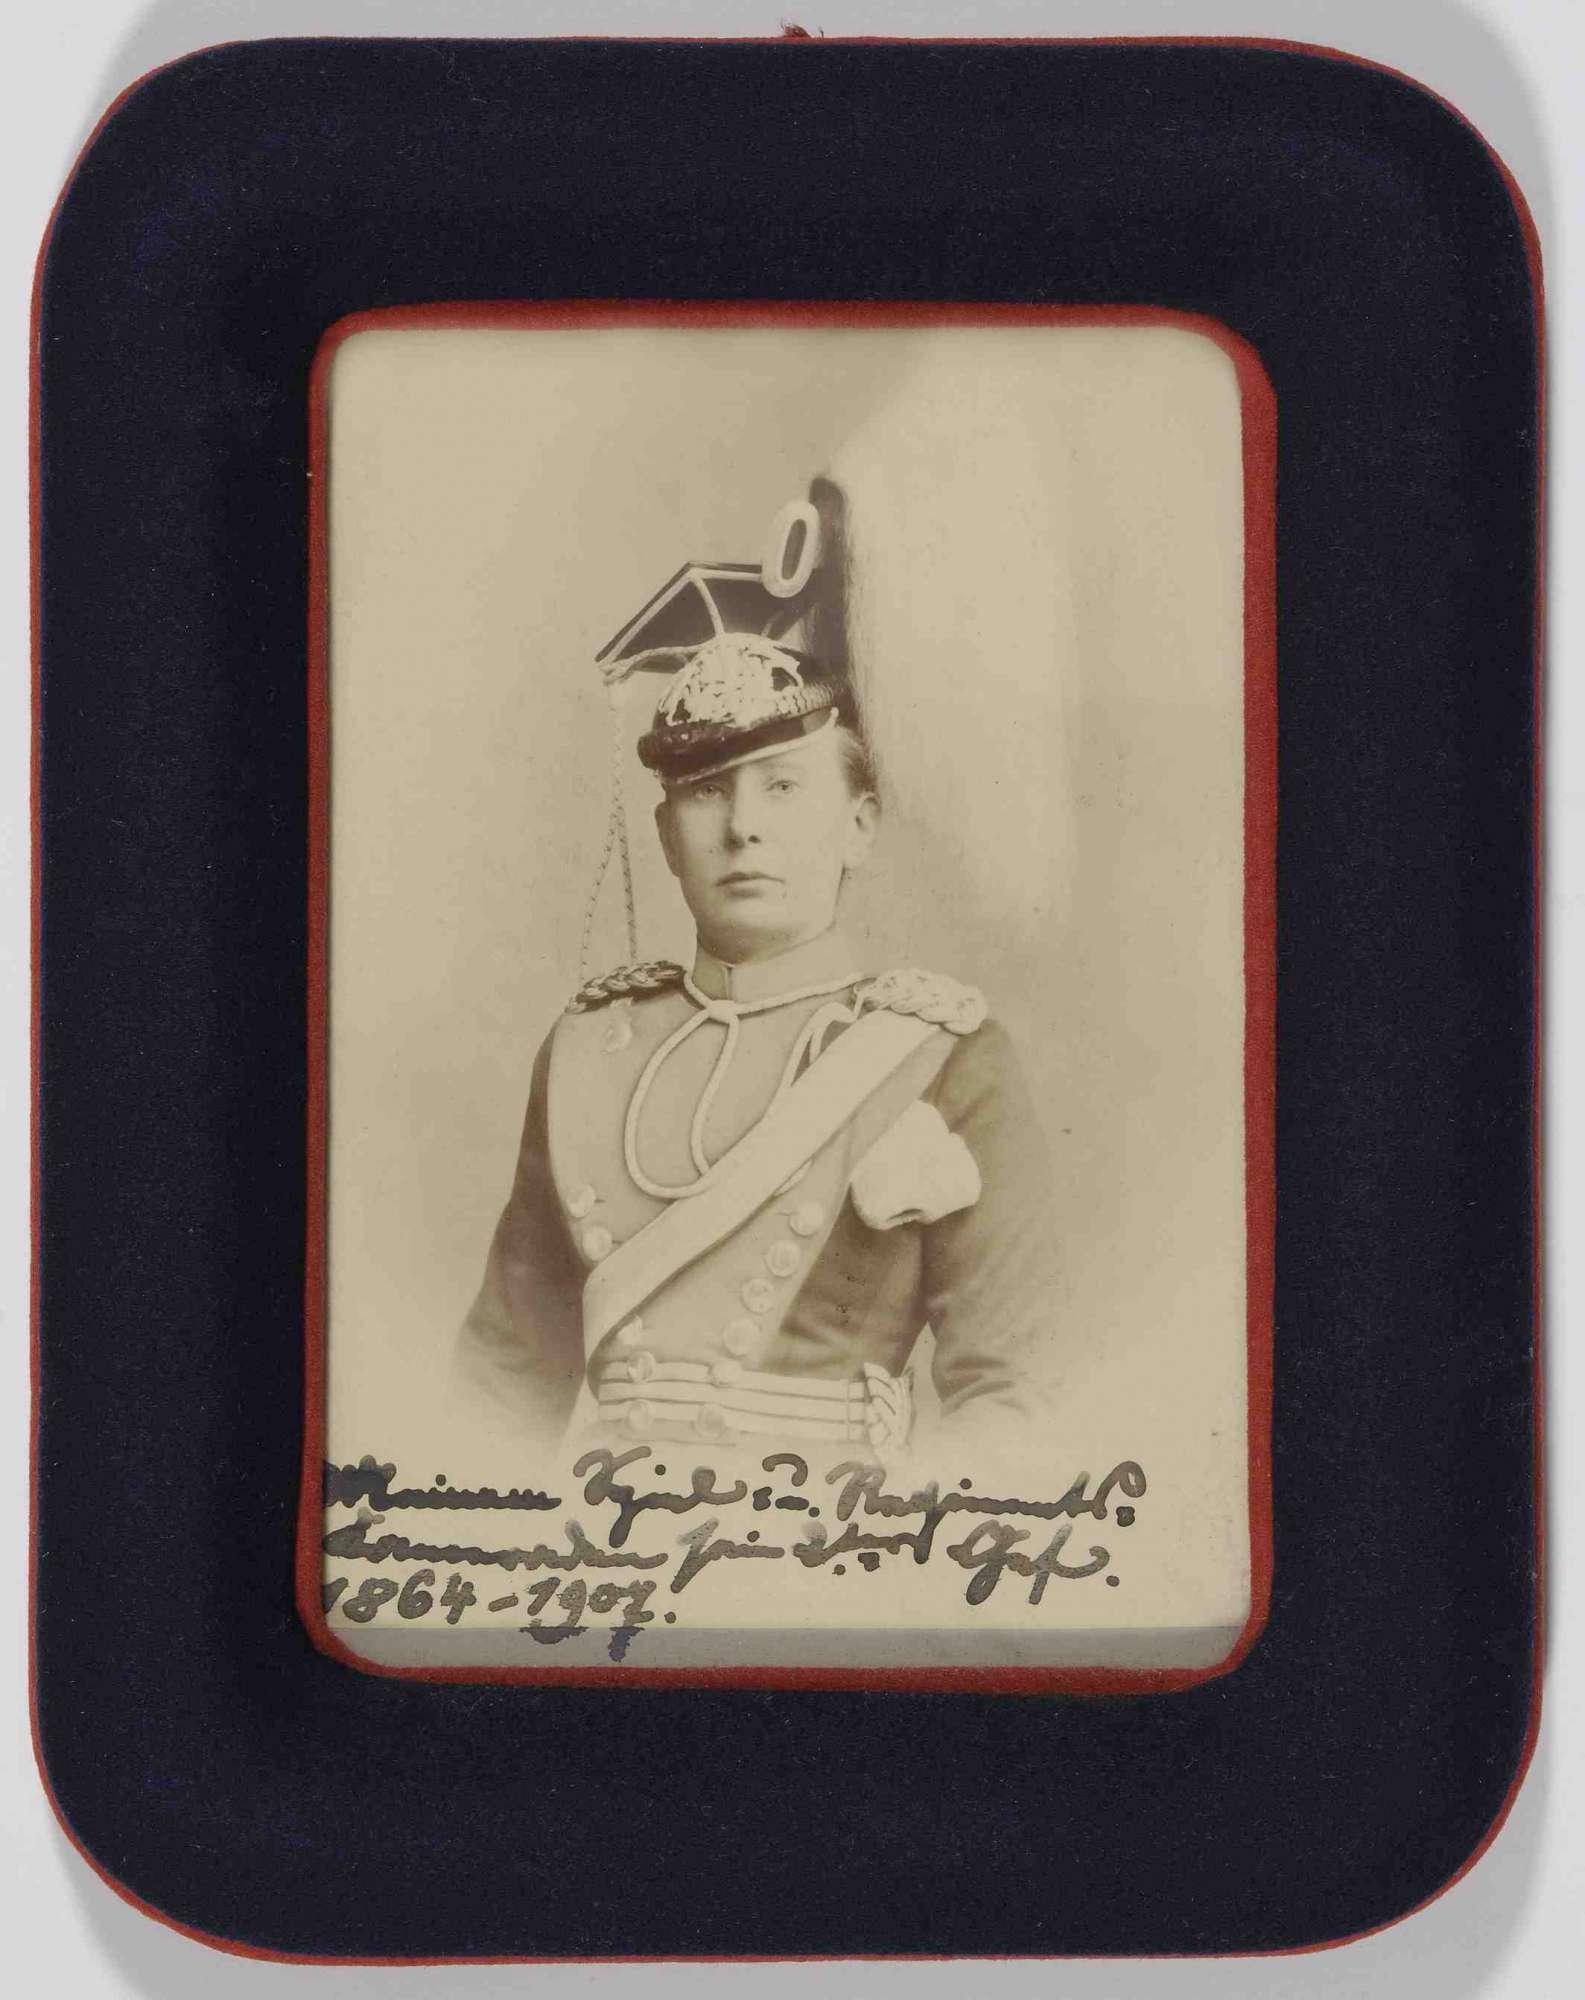 Herzogin Wera von Württemberg, in Uniform und Mütze, Grossfürstin von Russland, zweite Chefin des Regiments, Brustbild, Bild 1